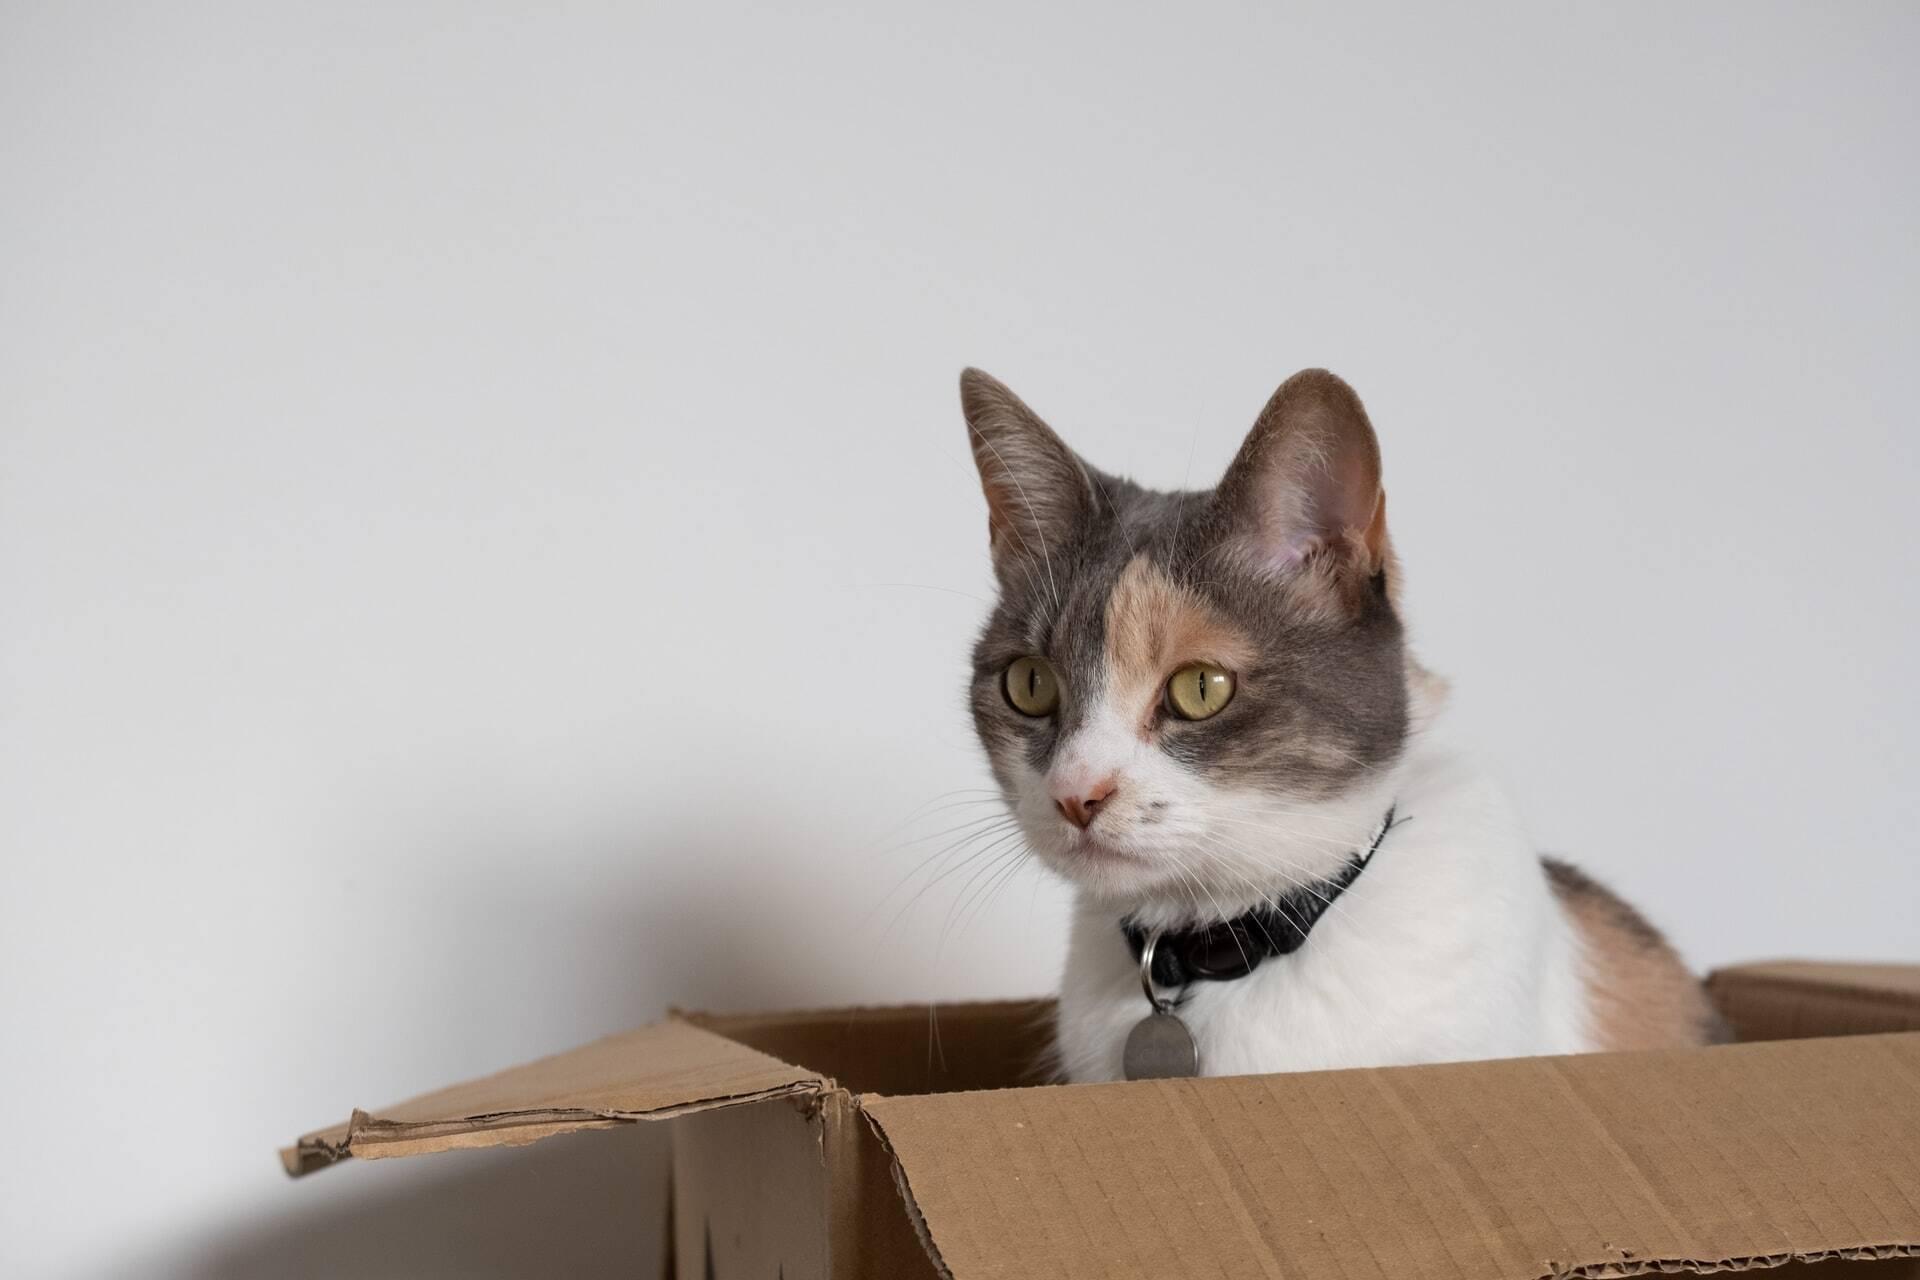 Estudo: Gatos adoram entrar em qualquer caixa, até nas imaginárias